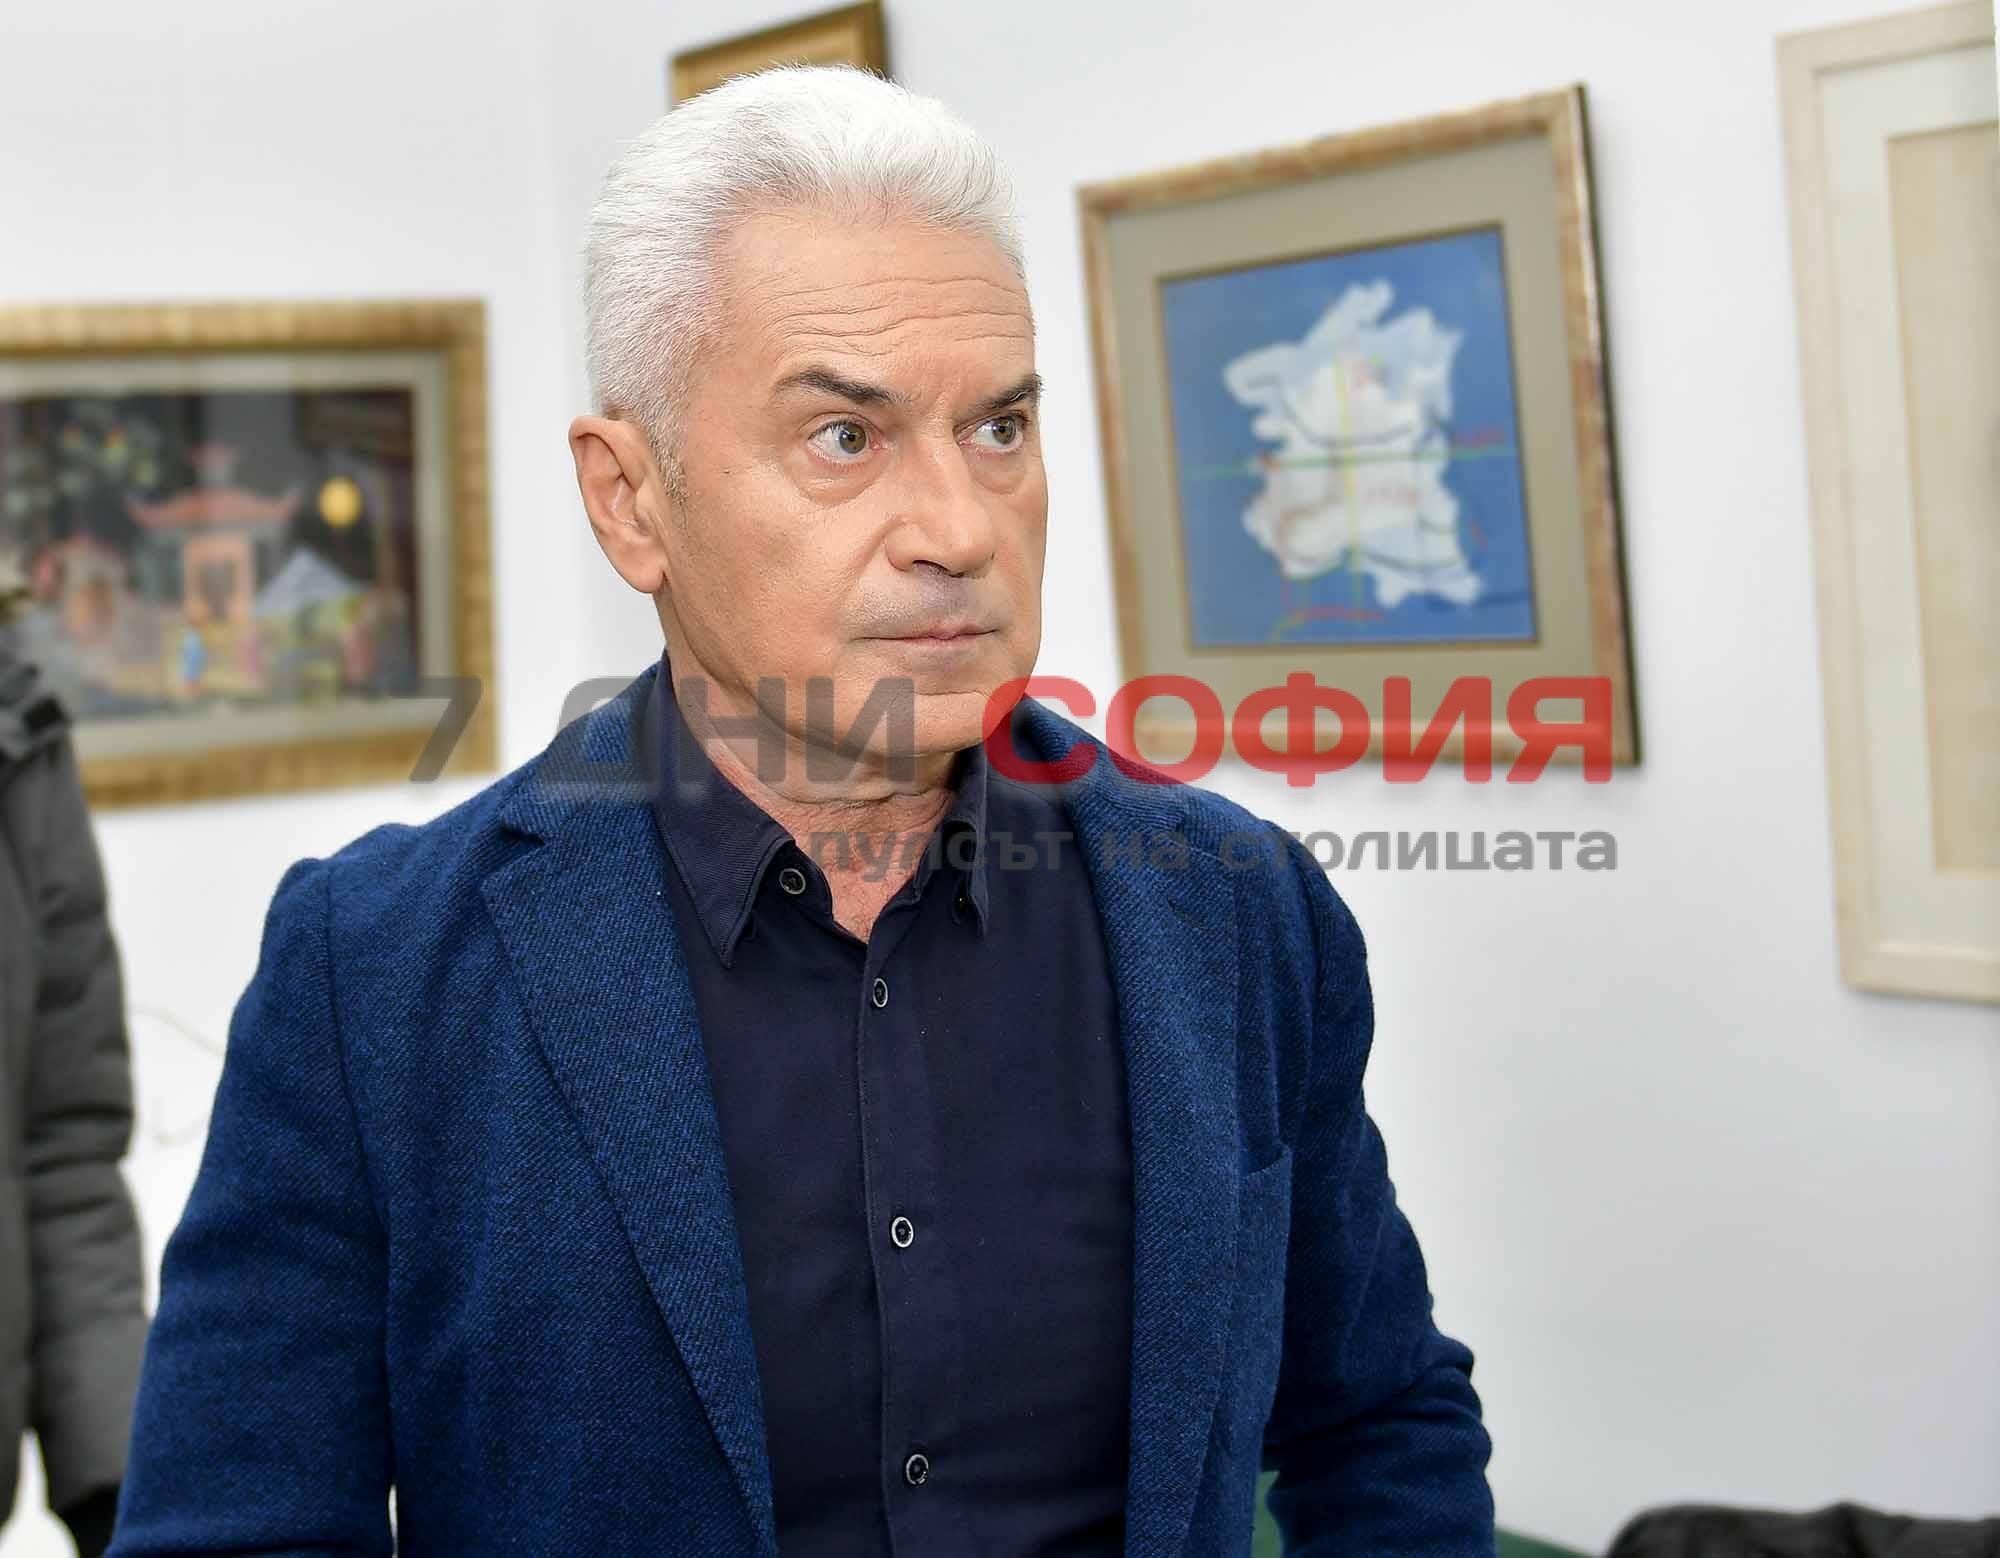 """БНТ1 излезе с остра декларация срещу лидера на """"Атака"""" Волен"""